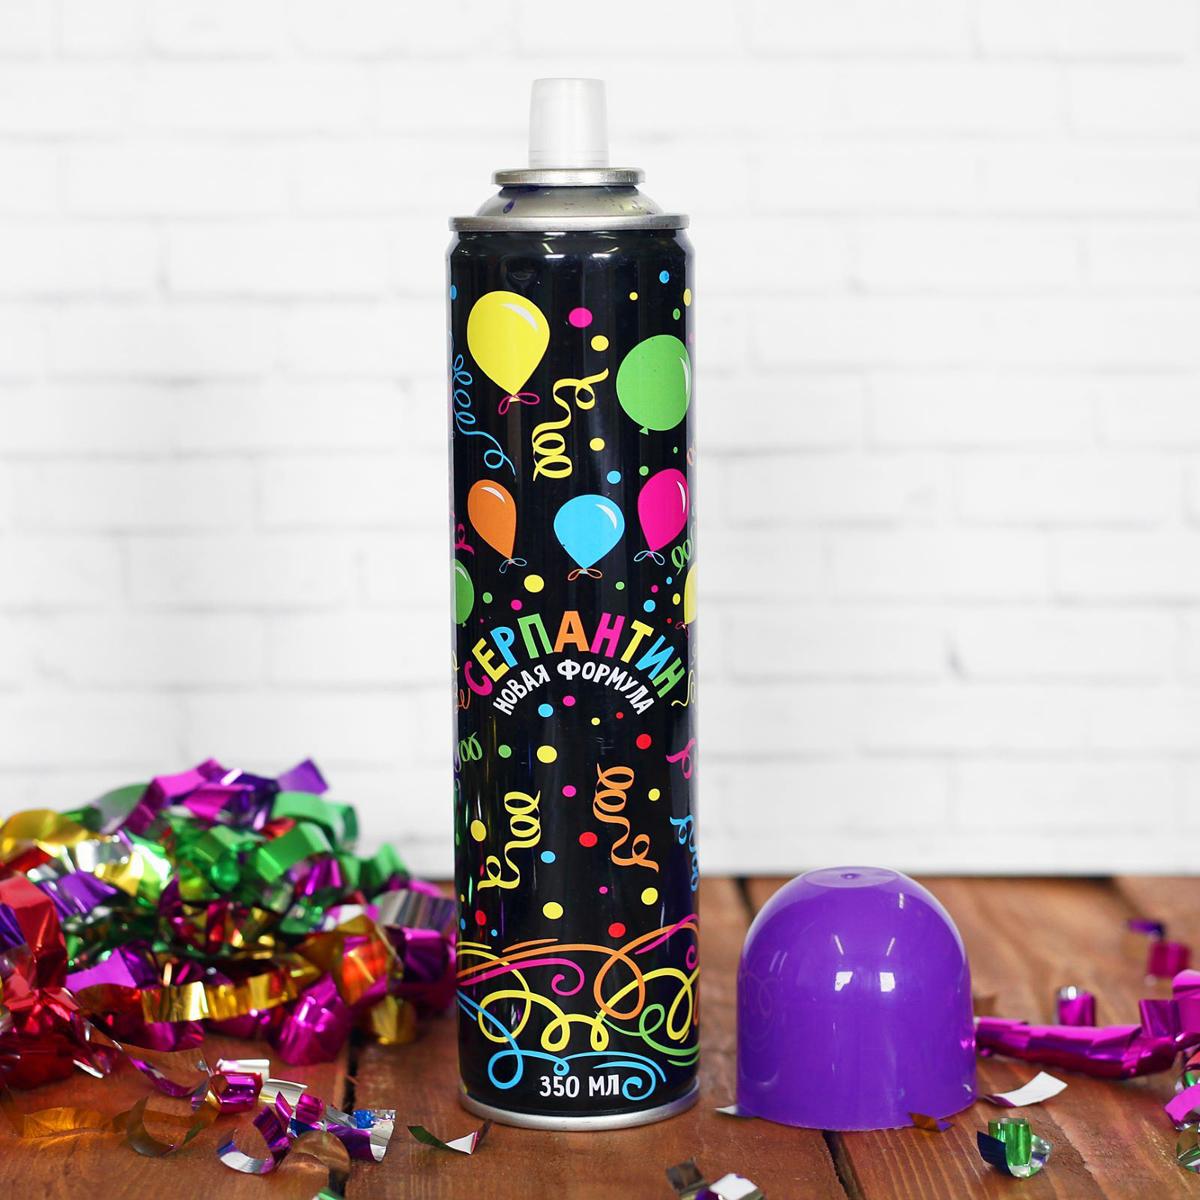 Спрей Серпантин, цвет: фиолетовый, 350 мл2358588Невозможно представить нашу жизнь без праздников! Мы всегда ждем их и предвкушаем, обдумываем, как проведем памятный день, тщательно выбираем подарки и аксессуары, ведь именно они создают и поддерживают торжественный настрой. Новогодние аксессуары - это отличный выбор, который привнесет атмосферу праздника в ваш дом! Серпантин можно использовать на городских карнавалах, тематических вечеринках и праздниках. Чтобы получить длинную нить серпантина, необходимо просто нажать на разбрызгиватель. Его желательно направлять вверх, а не в лицо человеку.